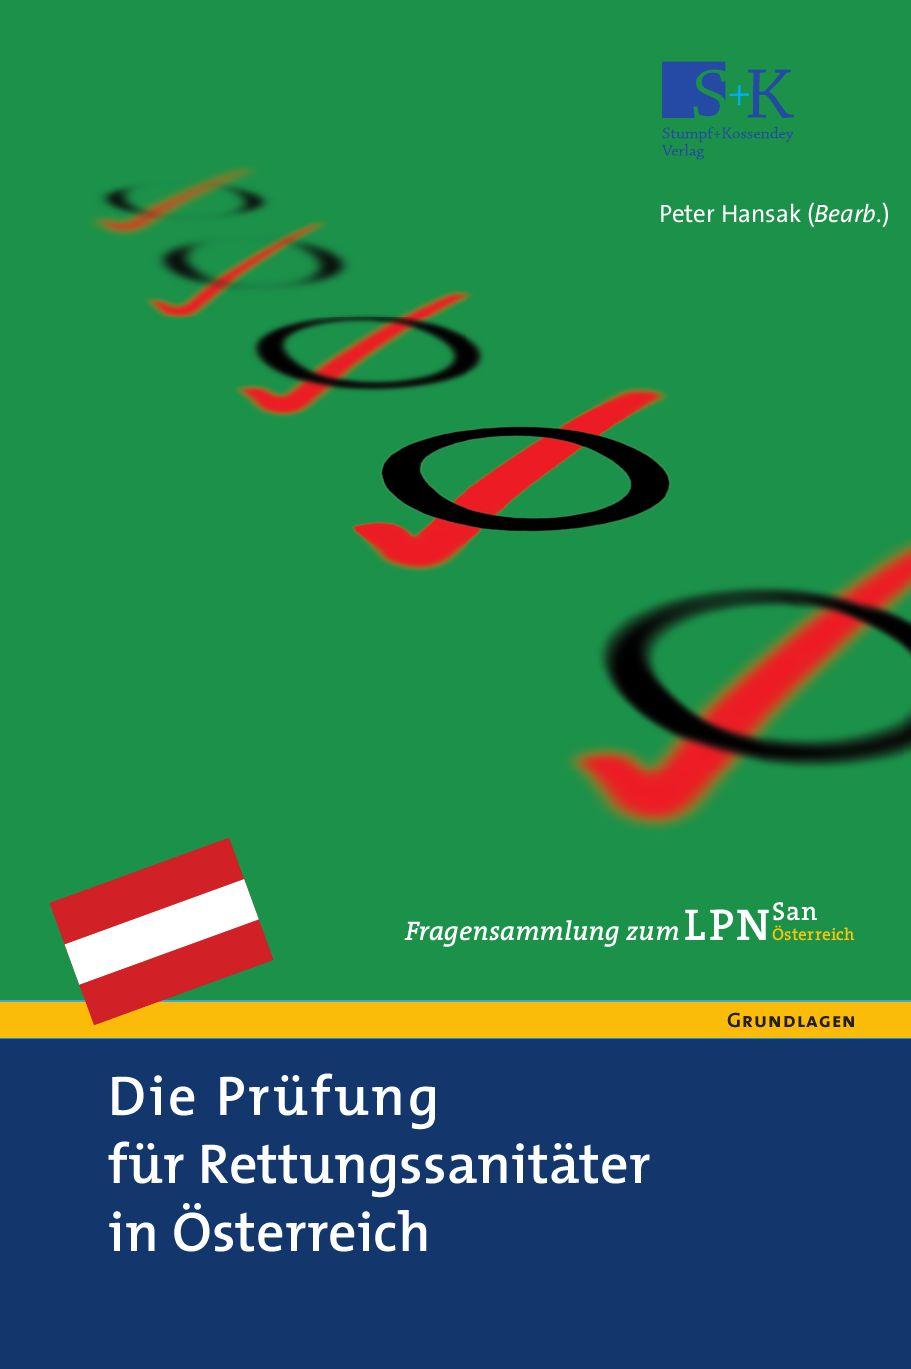 LPN-San Österreich - Fragen by Verlag Stumpf & Kossendey - issuu